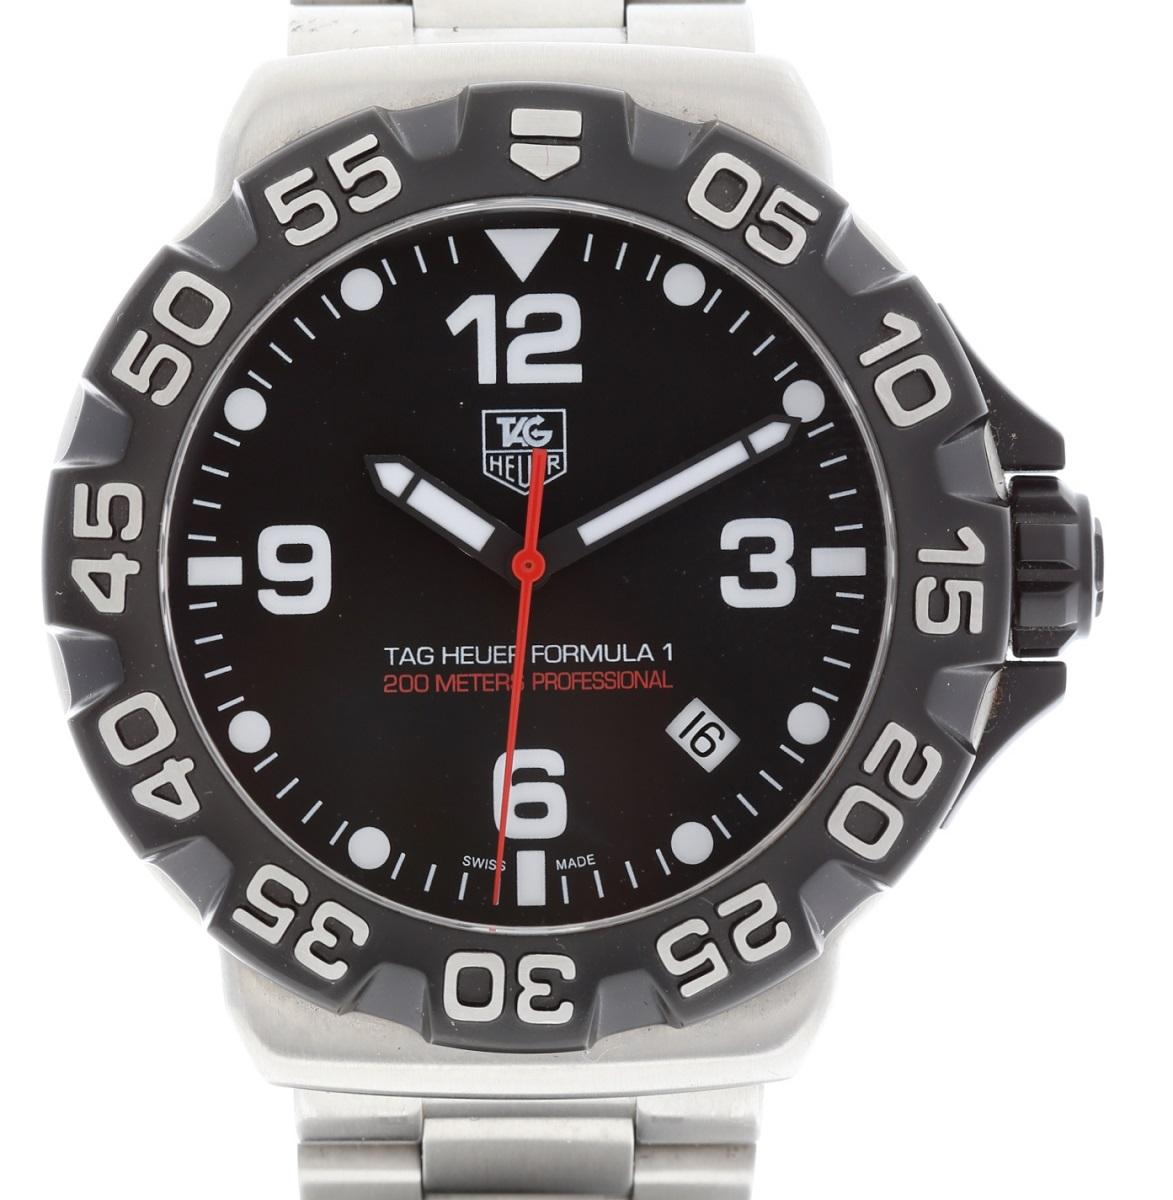 タグホイヤー TAG HEUAR フォーミュラ1 メンズ 腕時計 200m防水 クォーツ 専用箱 保証書【中古】【トレジャースポット】